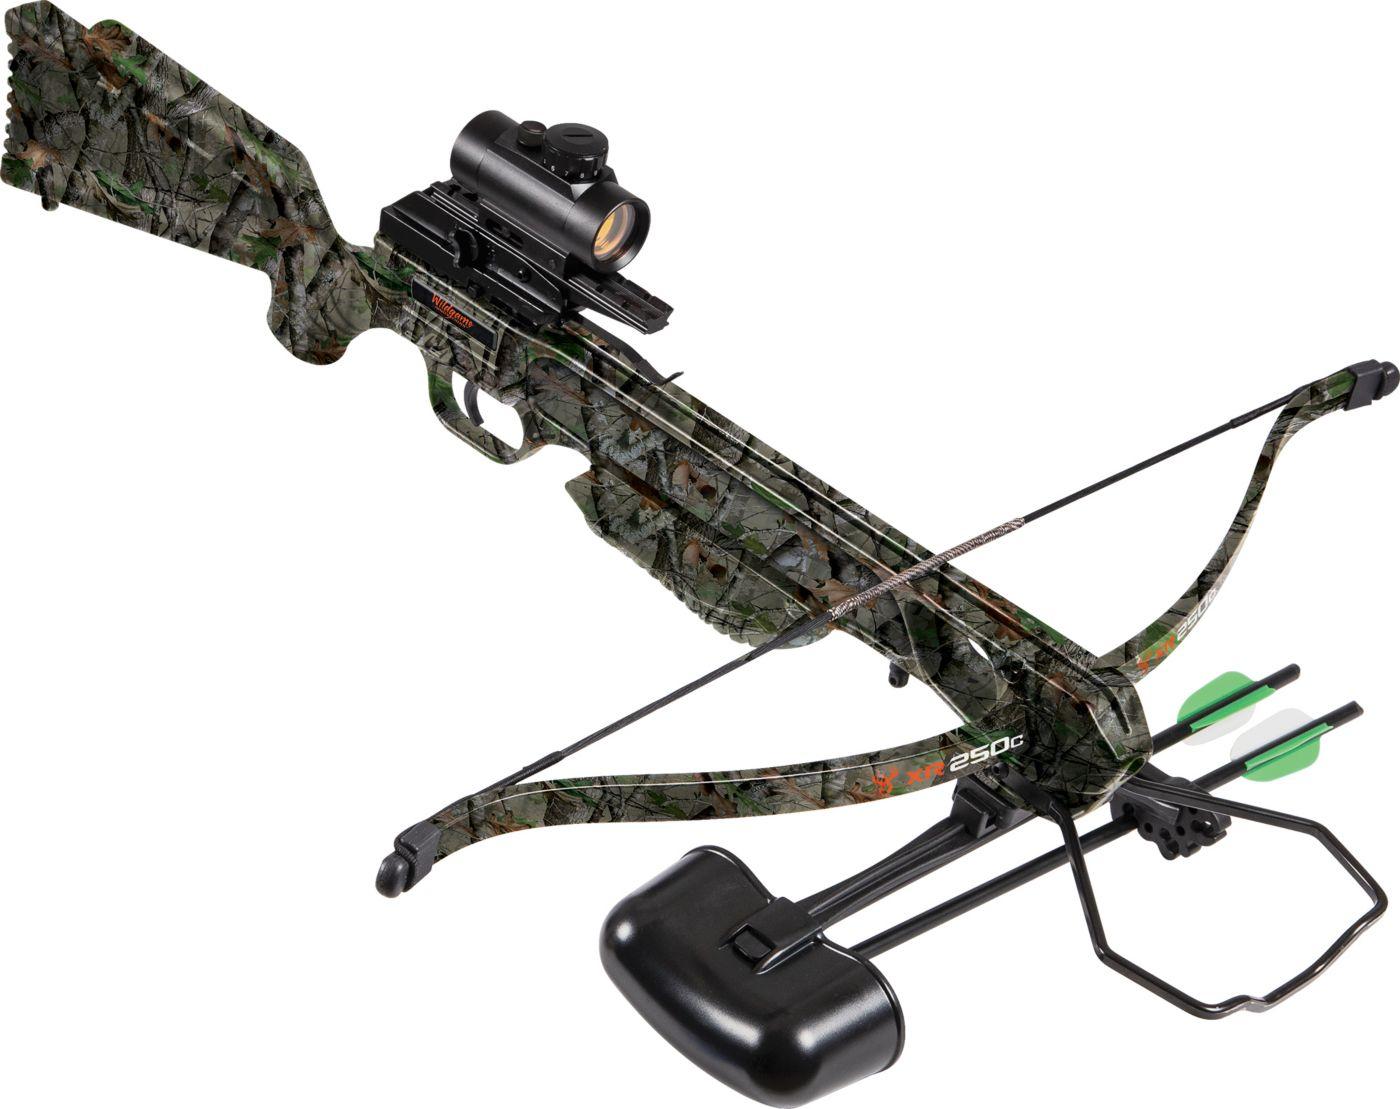 Barnett Wildgame XR250 Crossbow Package - 250 fps